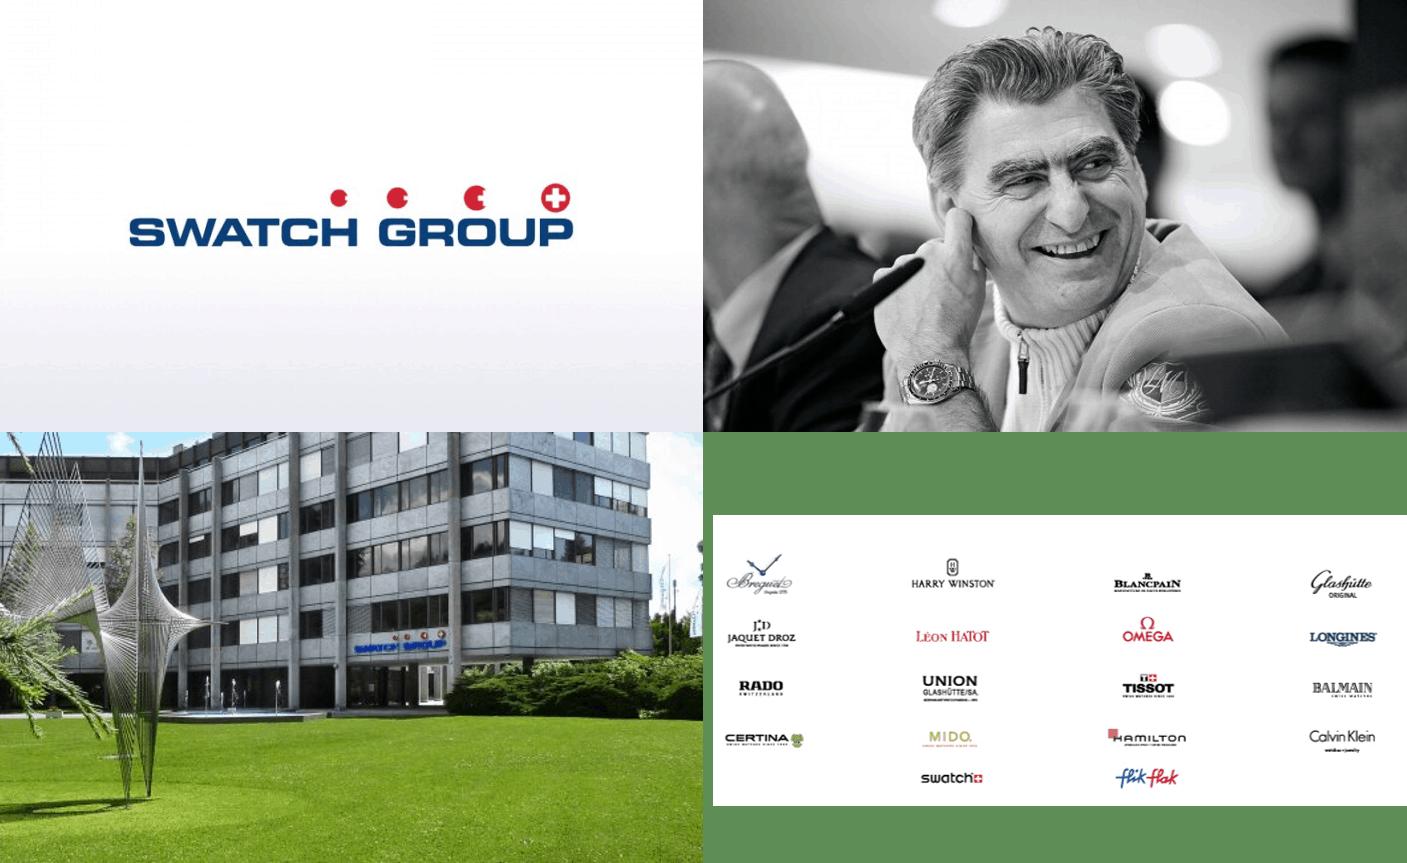 Chrono Sapiens Swatch GroupNeue Führung bei Longines und Tissot: Swatch Group verjüngt die Führungsriege